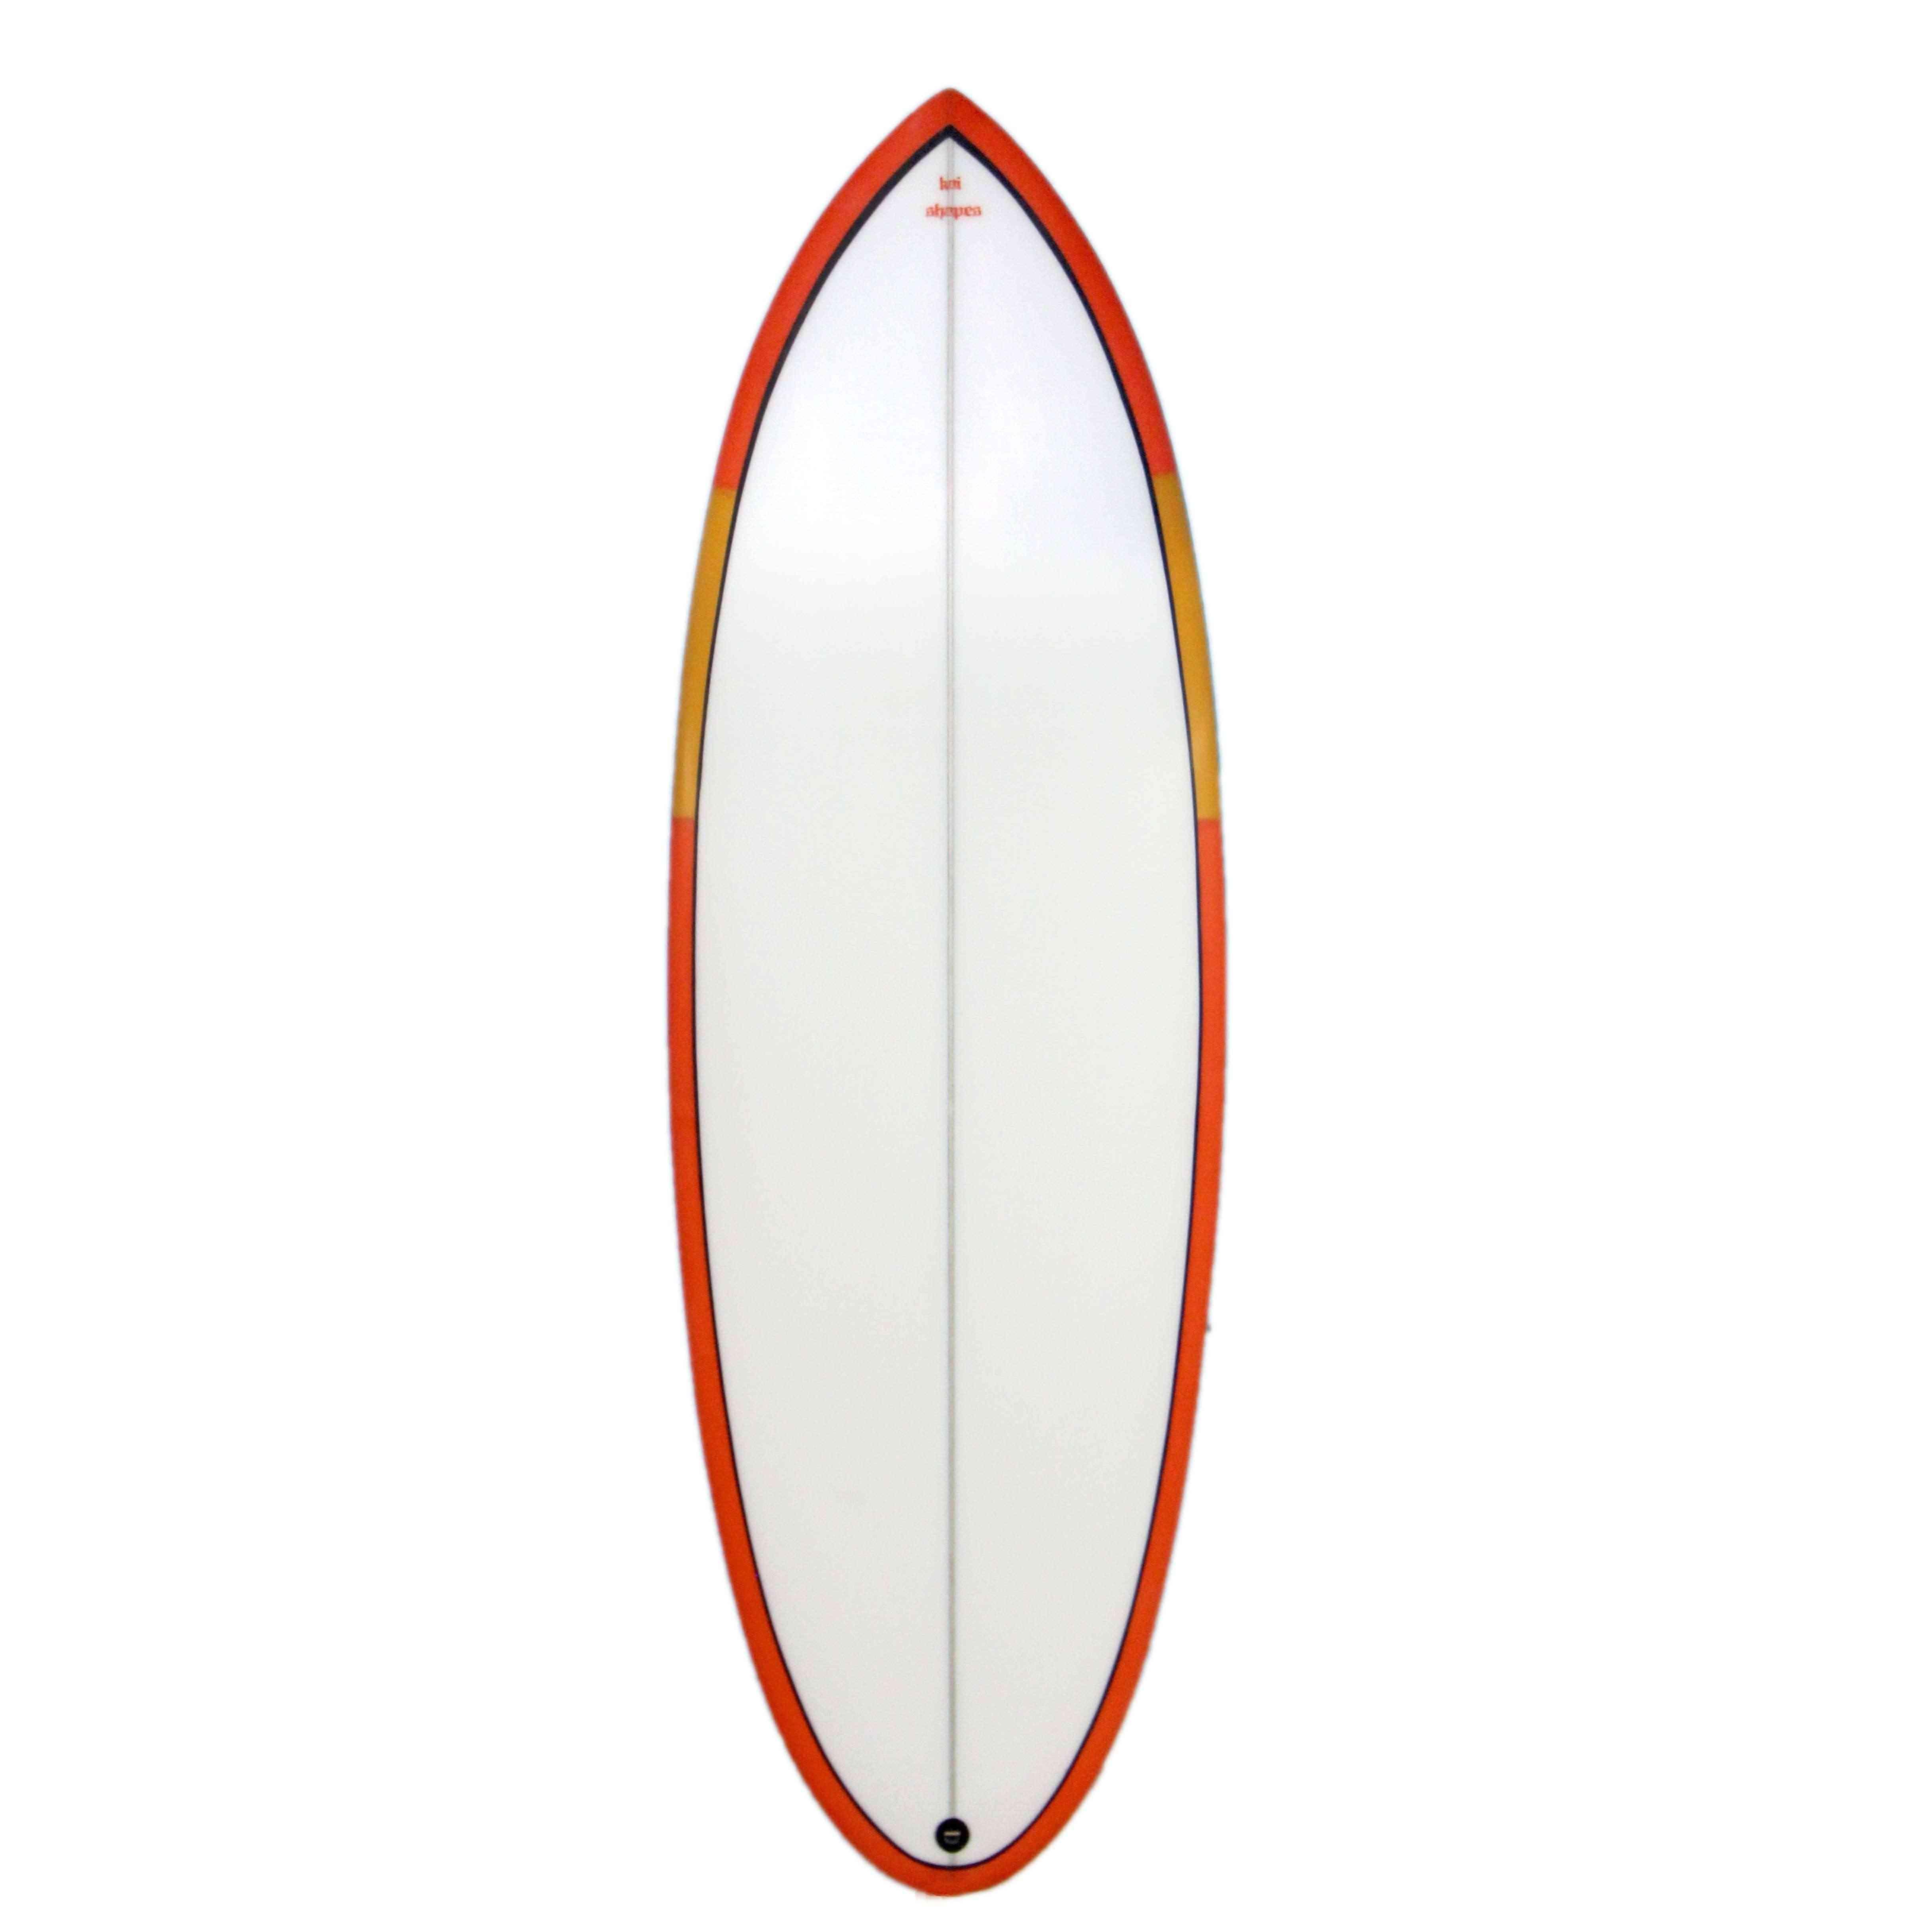 Planche type c i biscuit matos shape - Table planche de surf ...